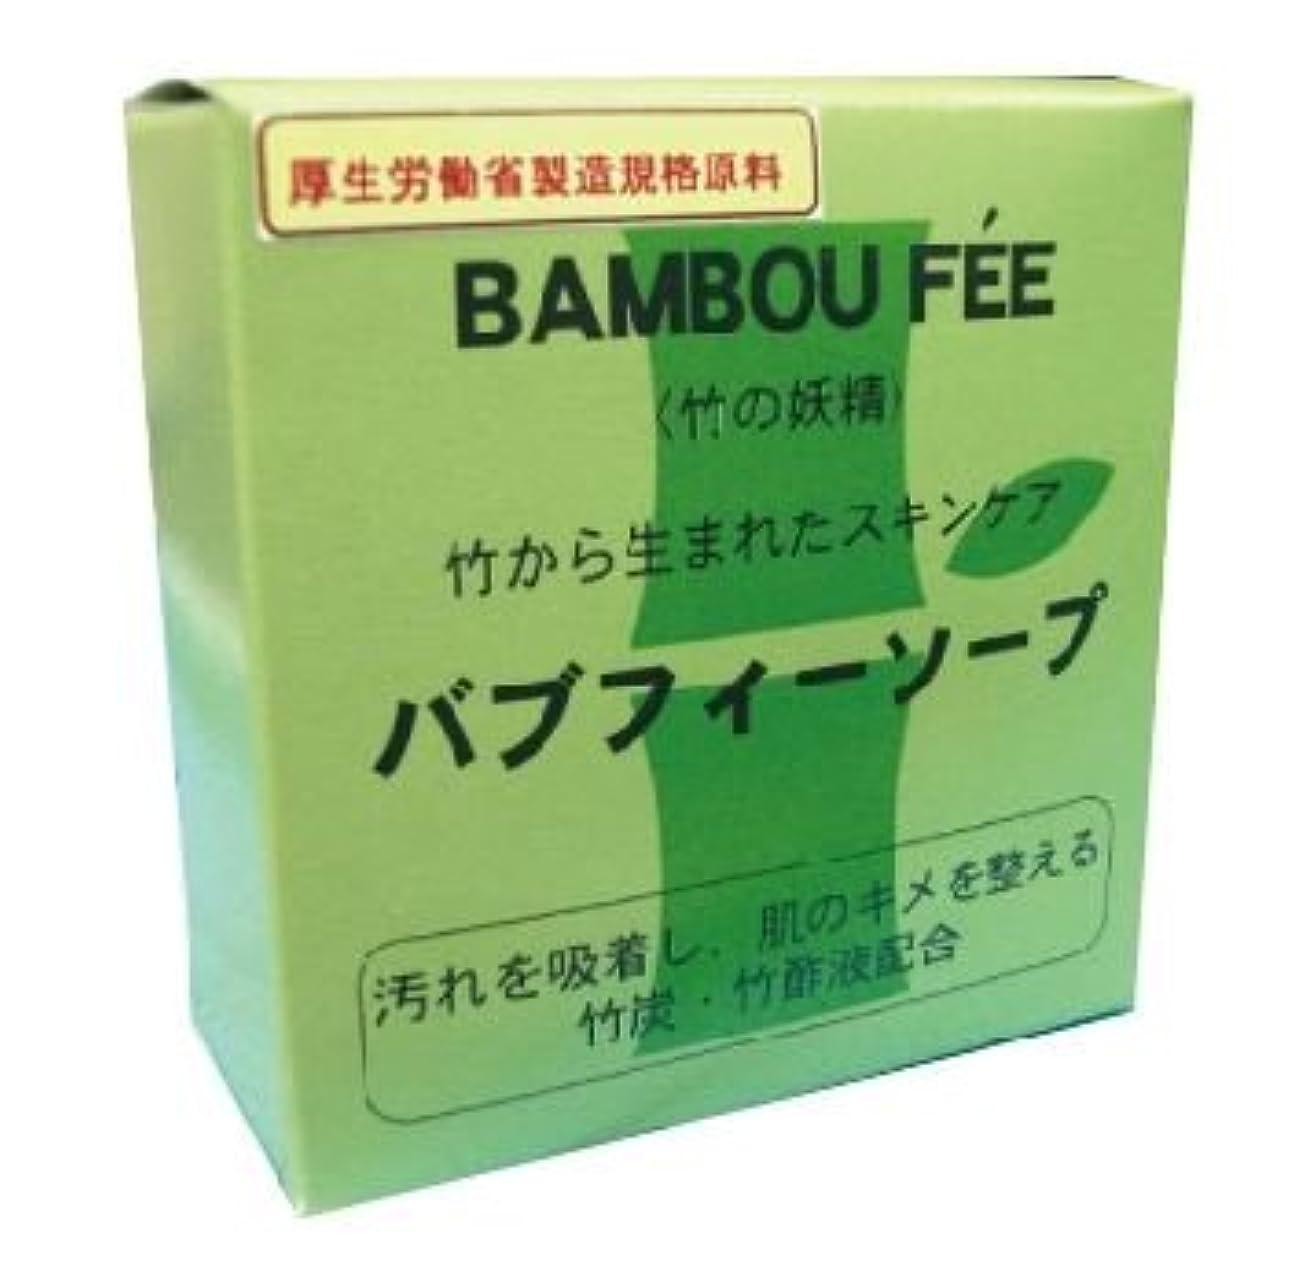 効率消すコーヒー竹炭石鹸 バブフィーソープ